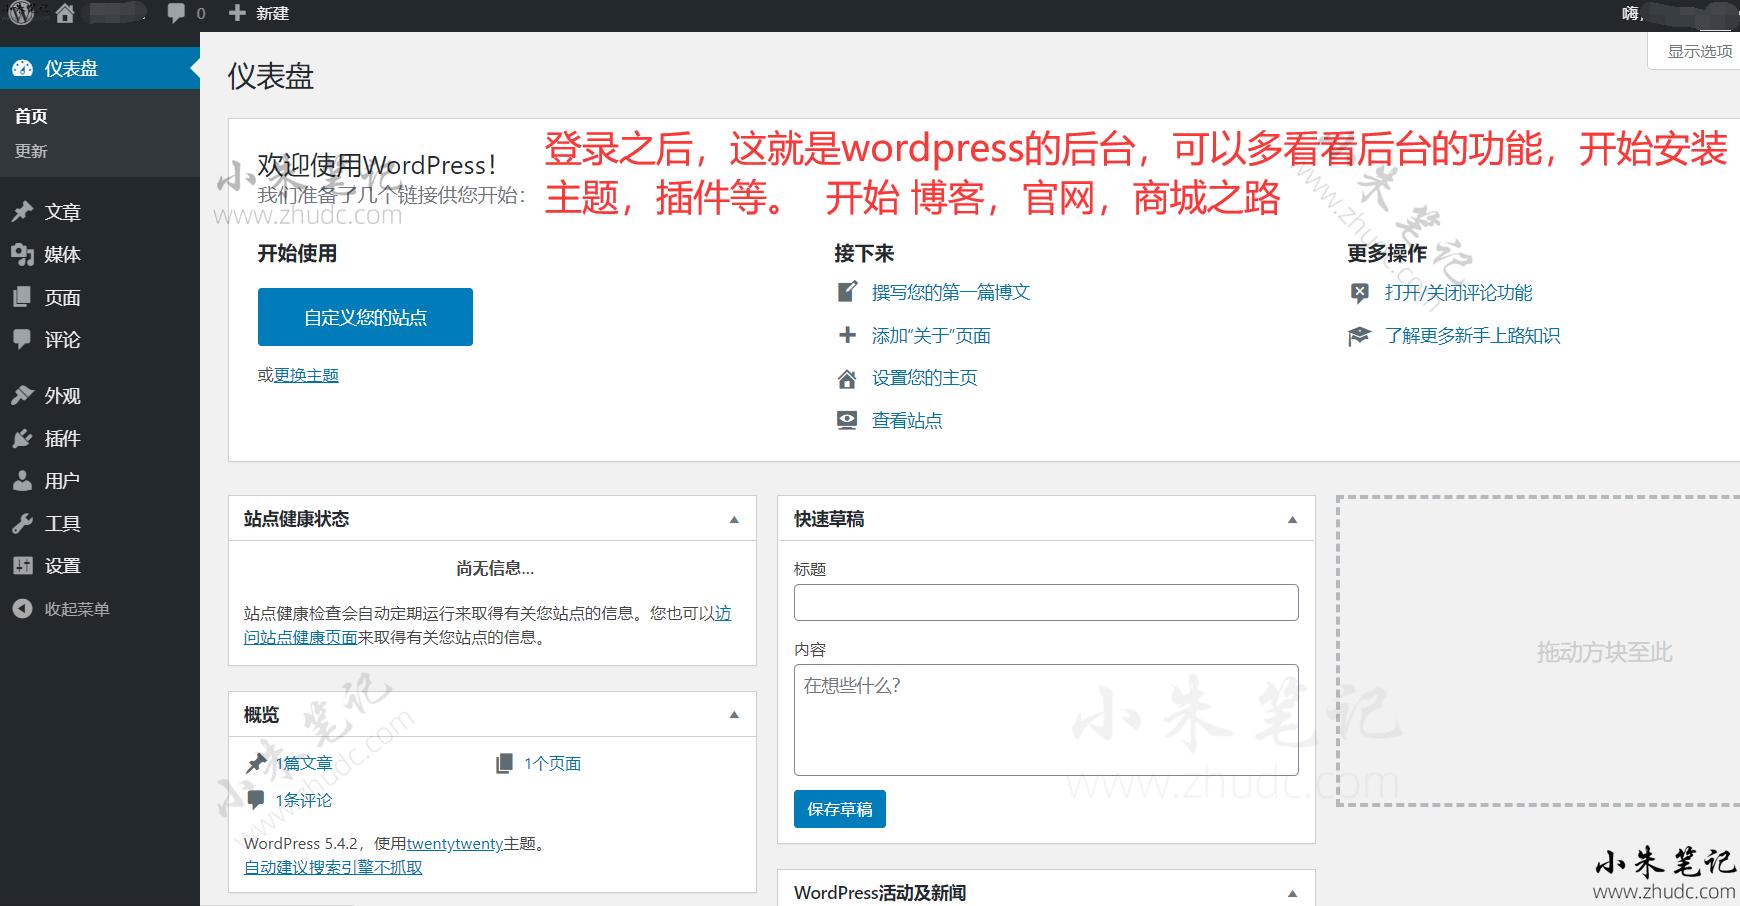 全套完全版Wordpress外贸建站教程 151